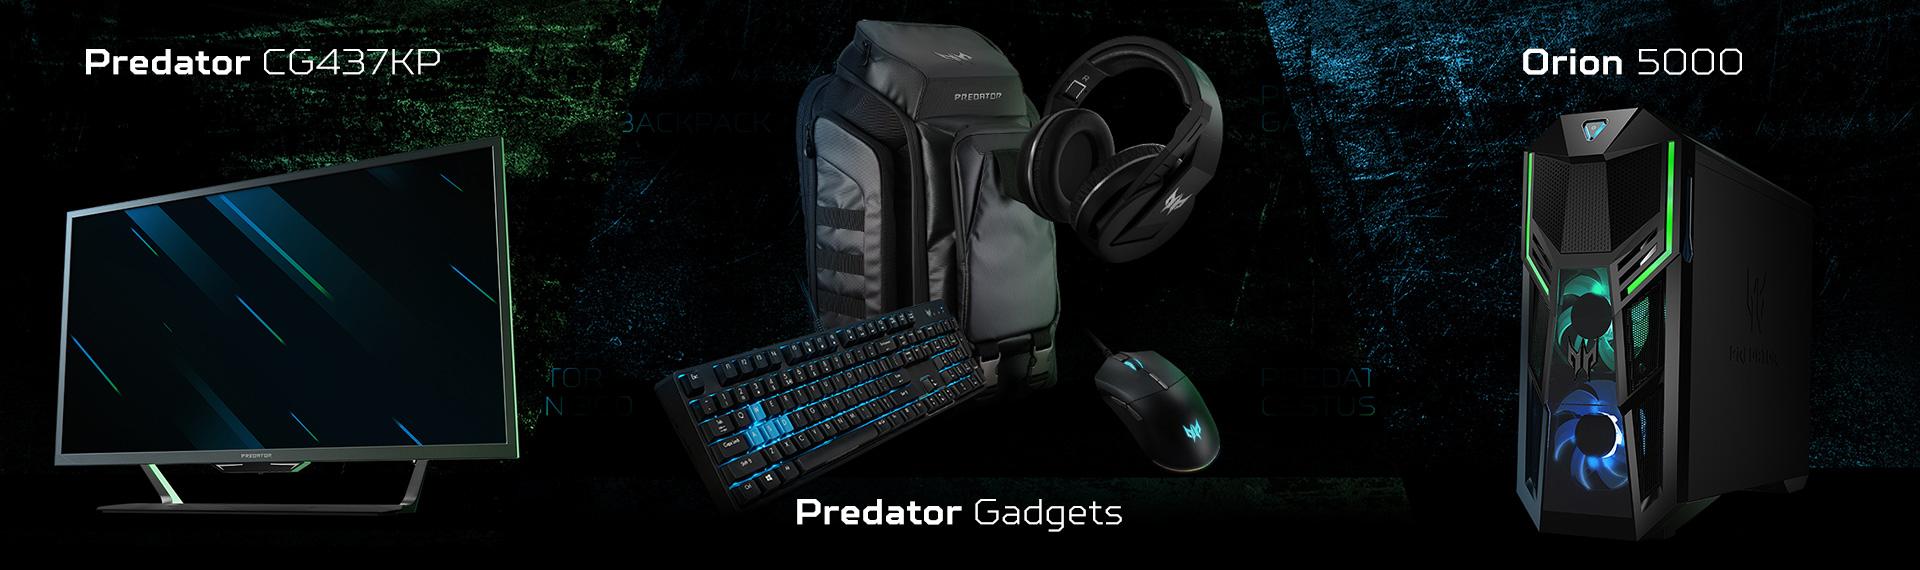 Predator Orion 5000 (PO5-605S), Pembaruan 'Primadona' Para Gamer yang Haus Kekuatan